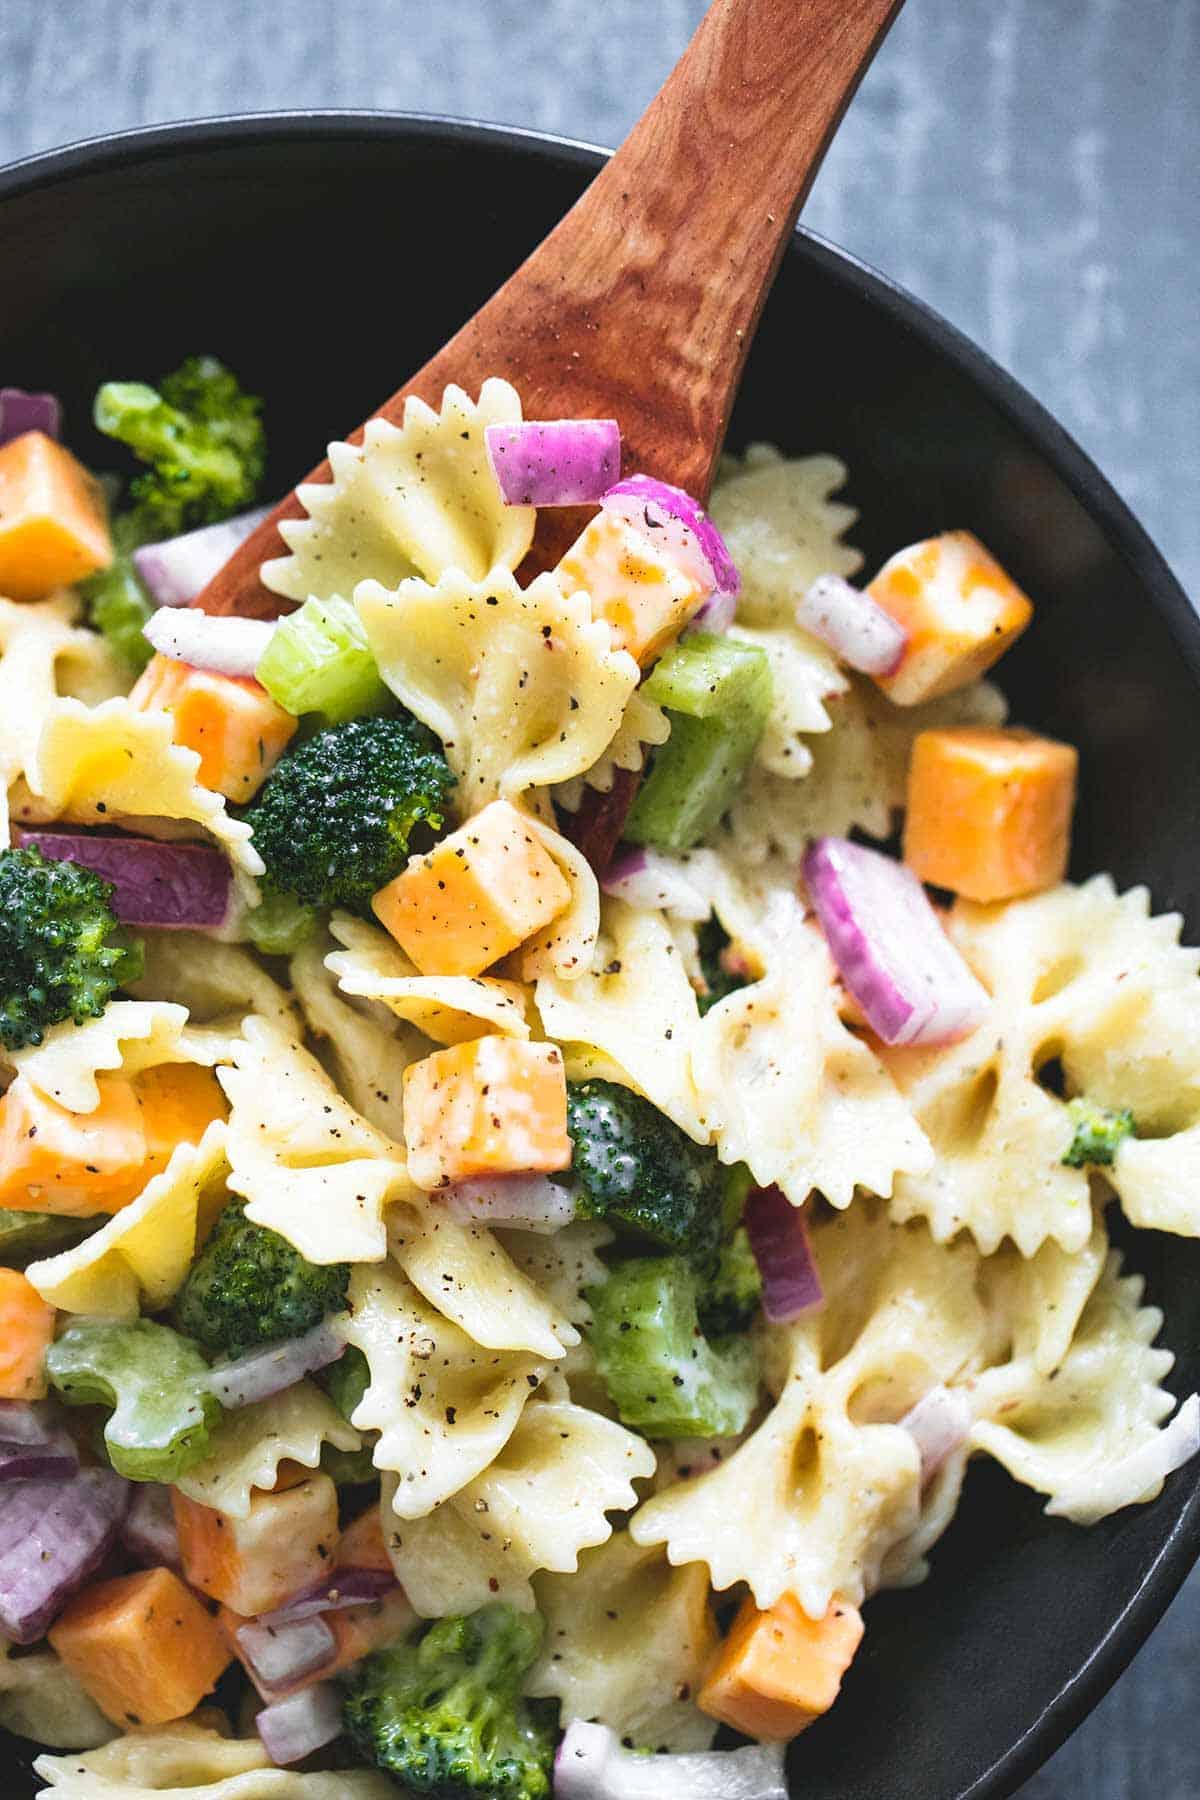 Creamy Cheddar Broccoli Salad